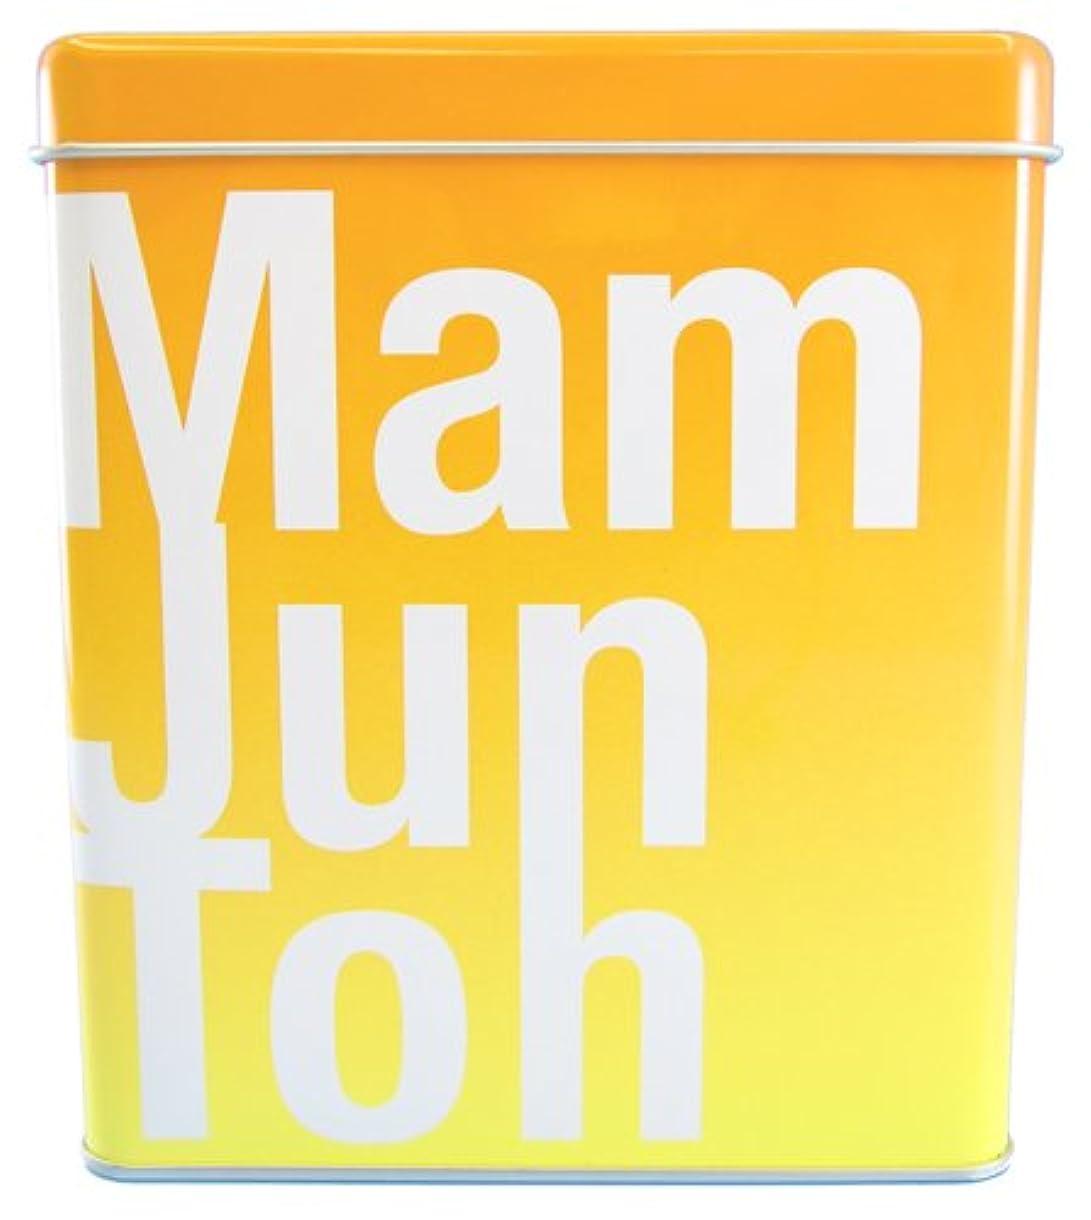 まもなくセグメント規定蔓潤湯 椿 パラダイス山元責任監修 薬用入浴剤 天然ビターオレンジの香り 750g